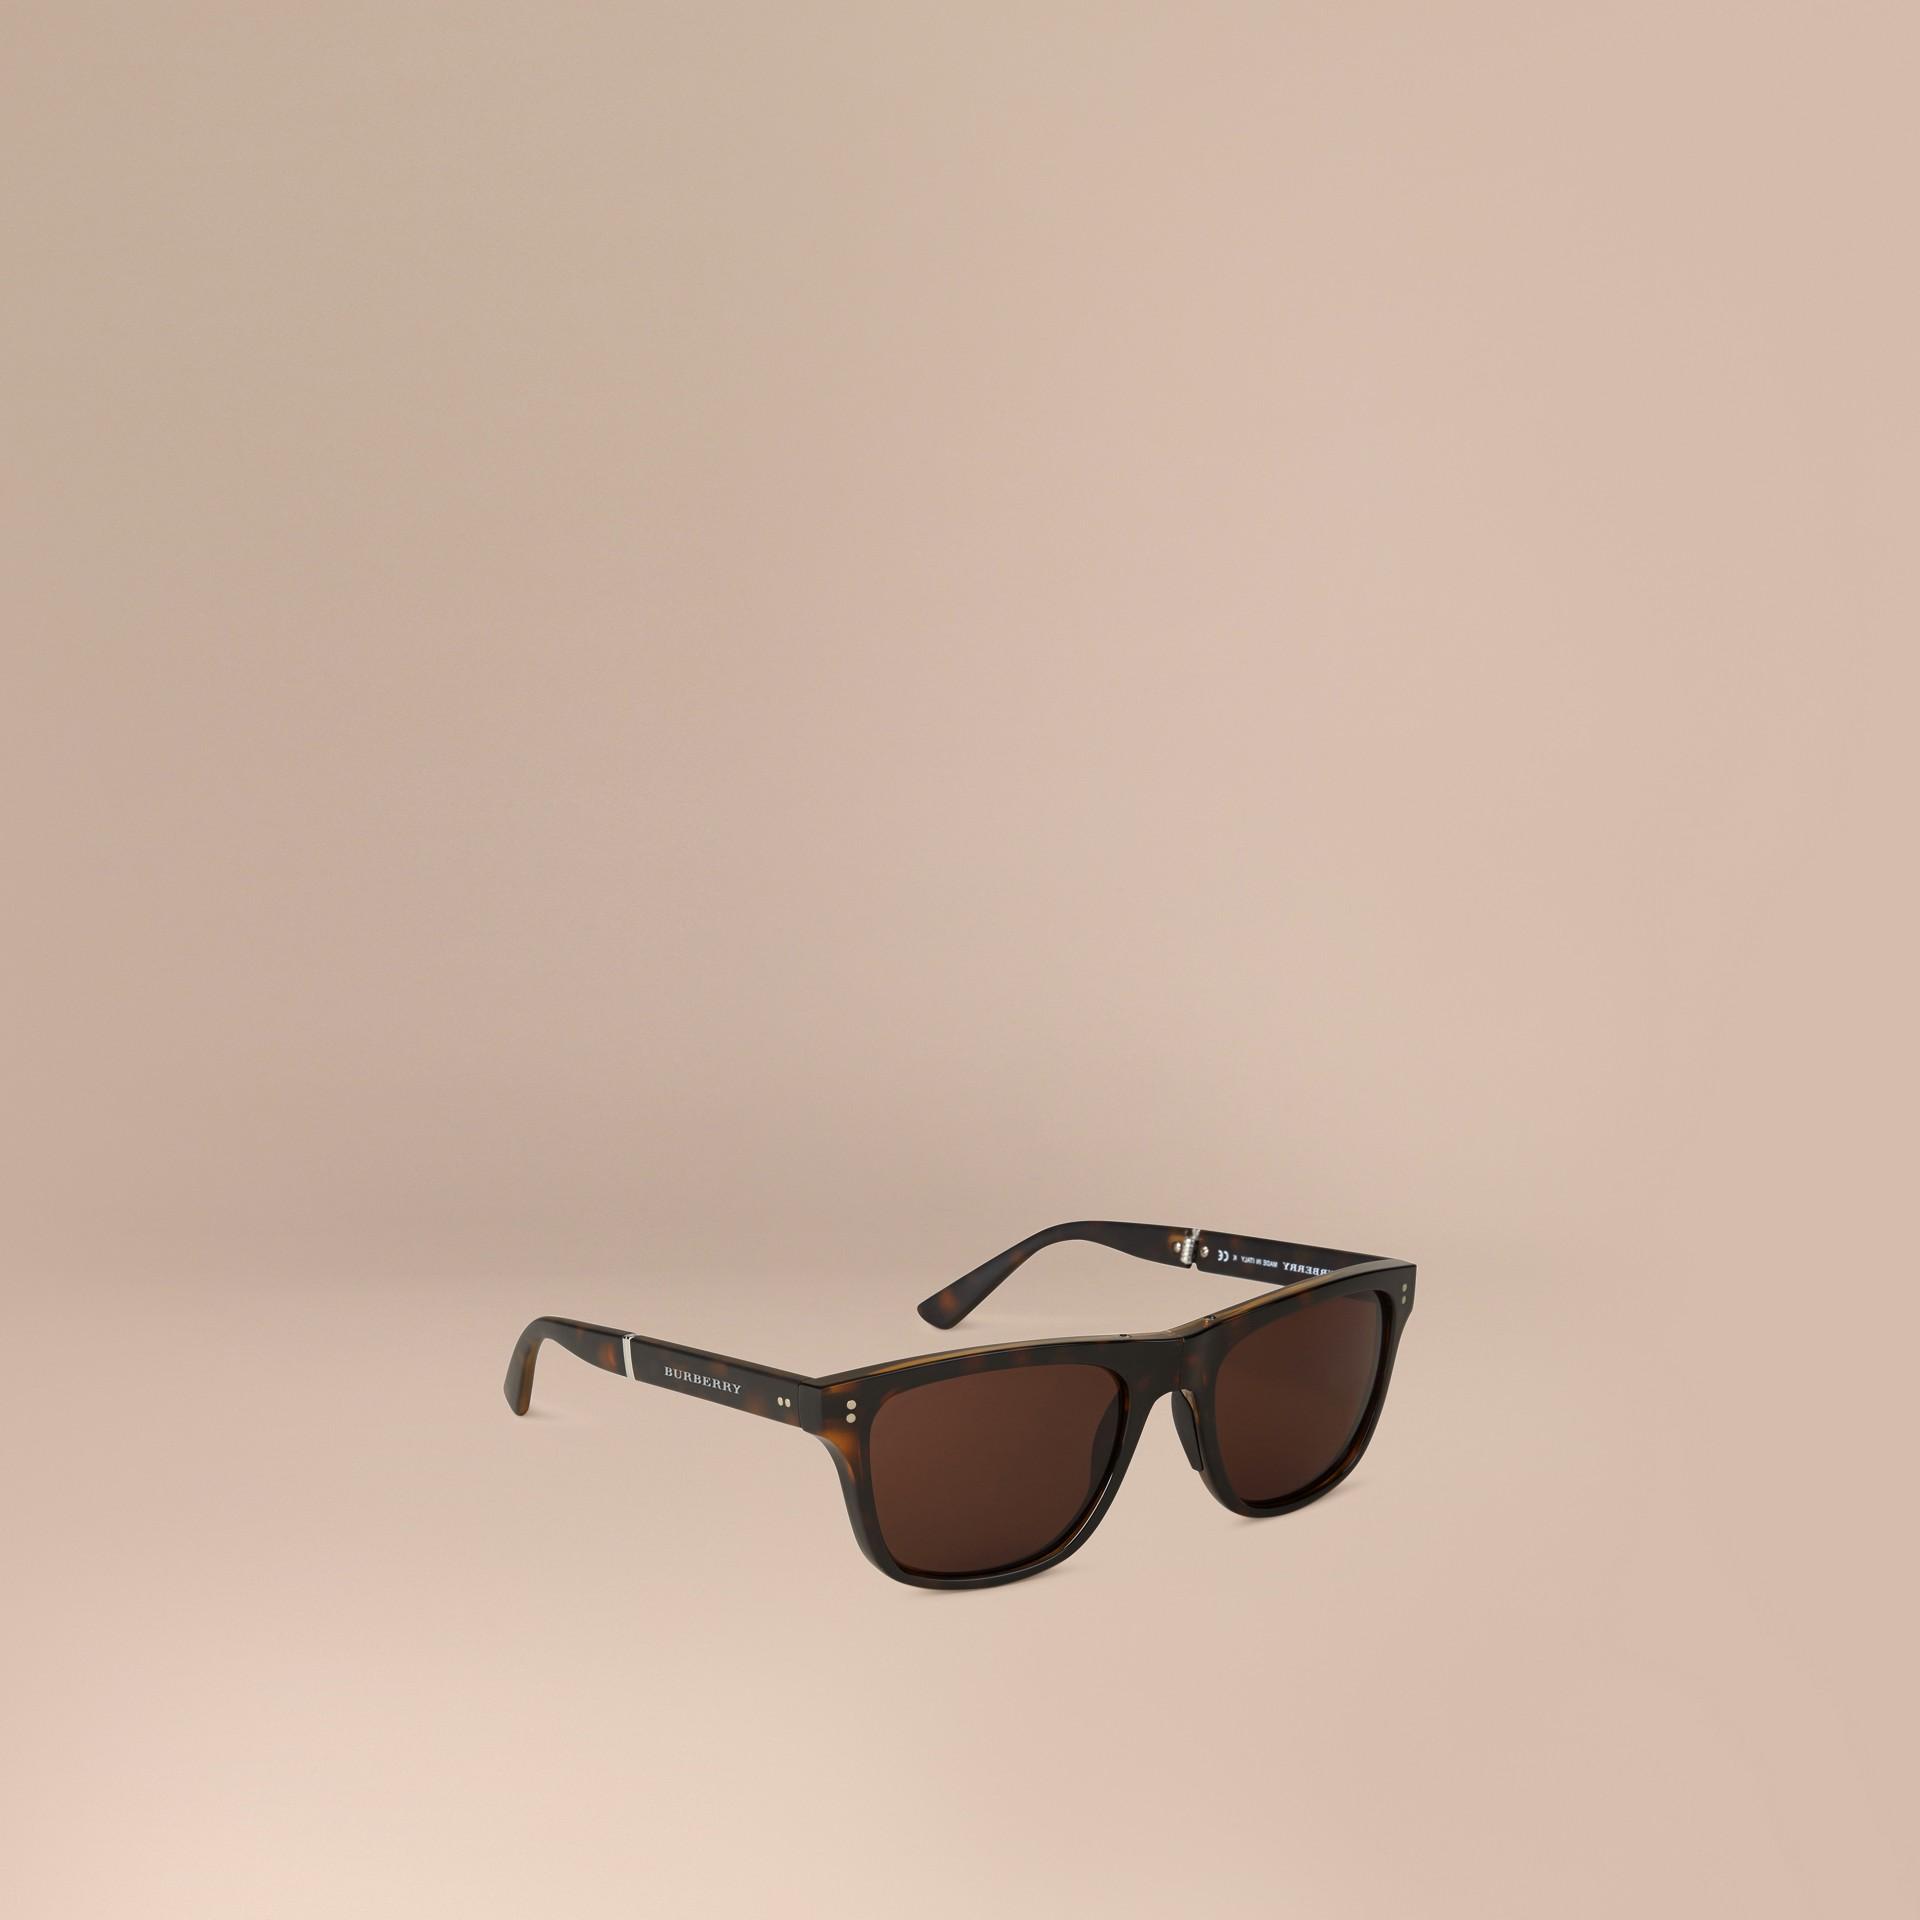 Marrone scuro Occhiali da sole con montatura rettangolare pieghevole Marrone Scuro - immagine della galleria 1